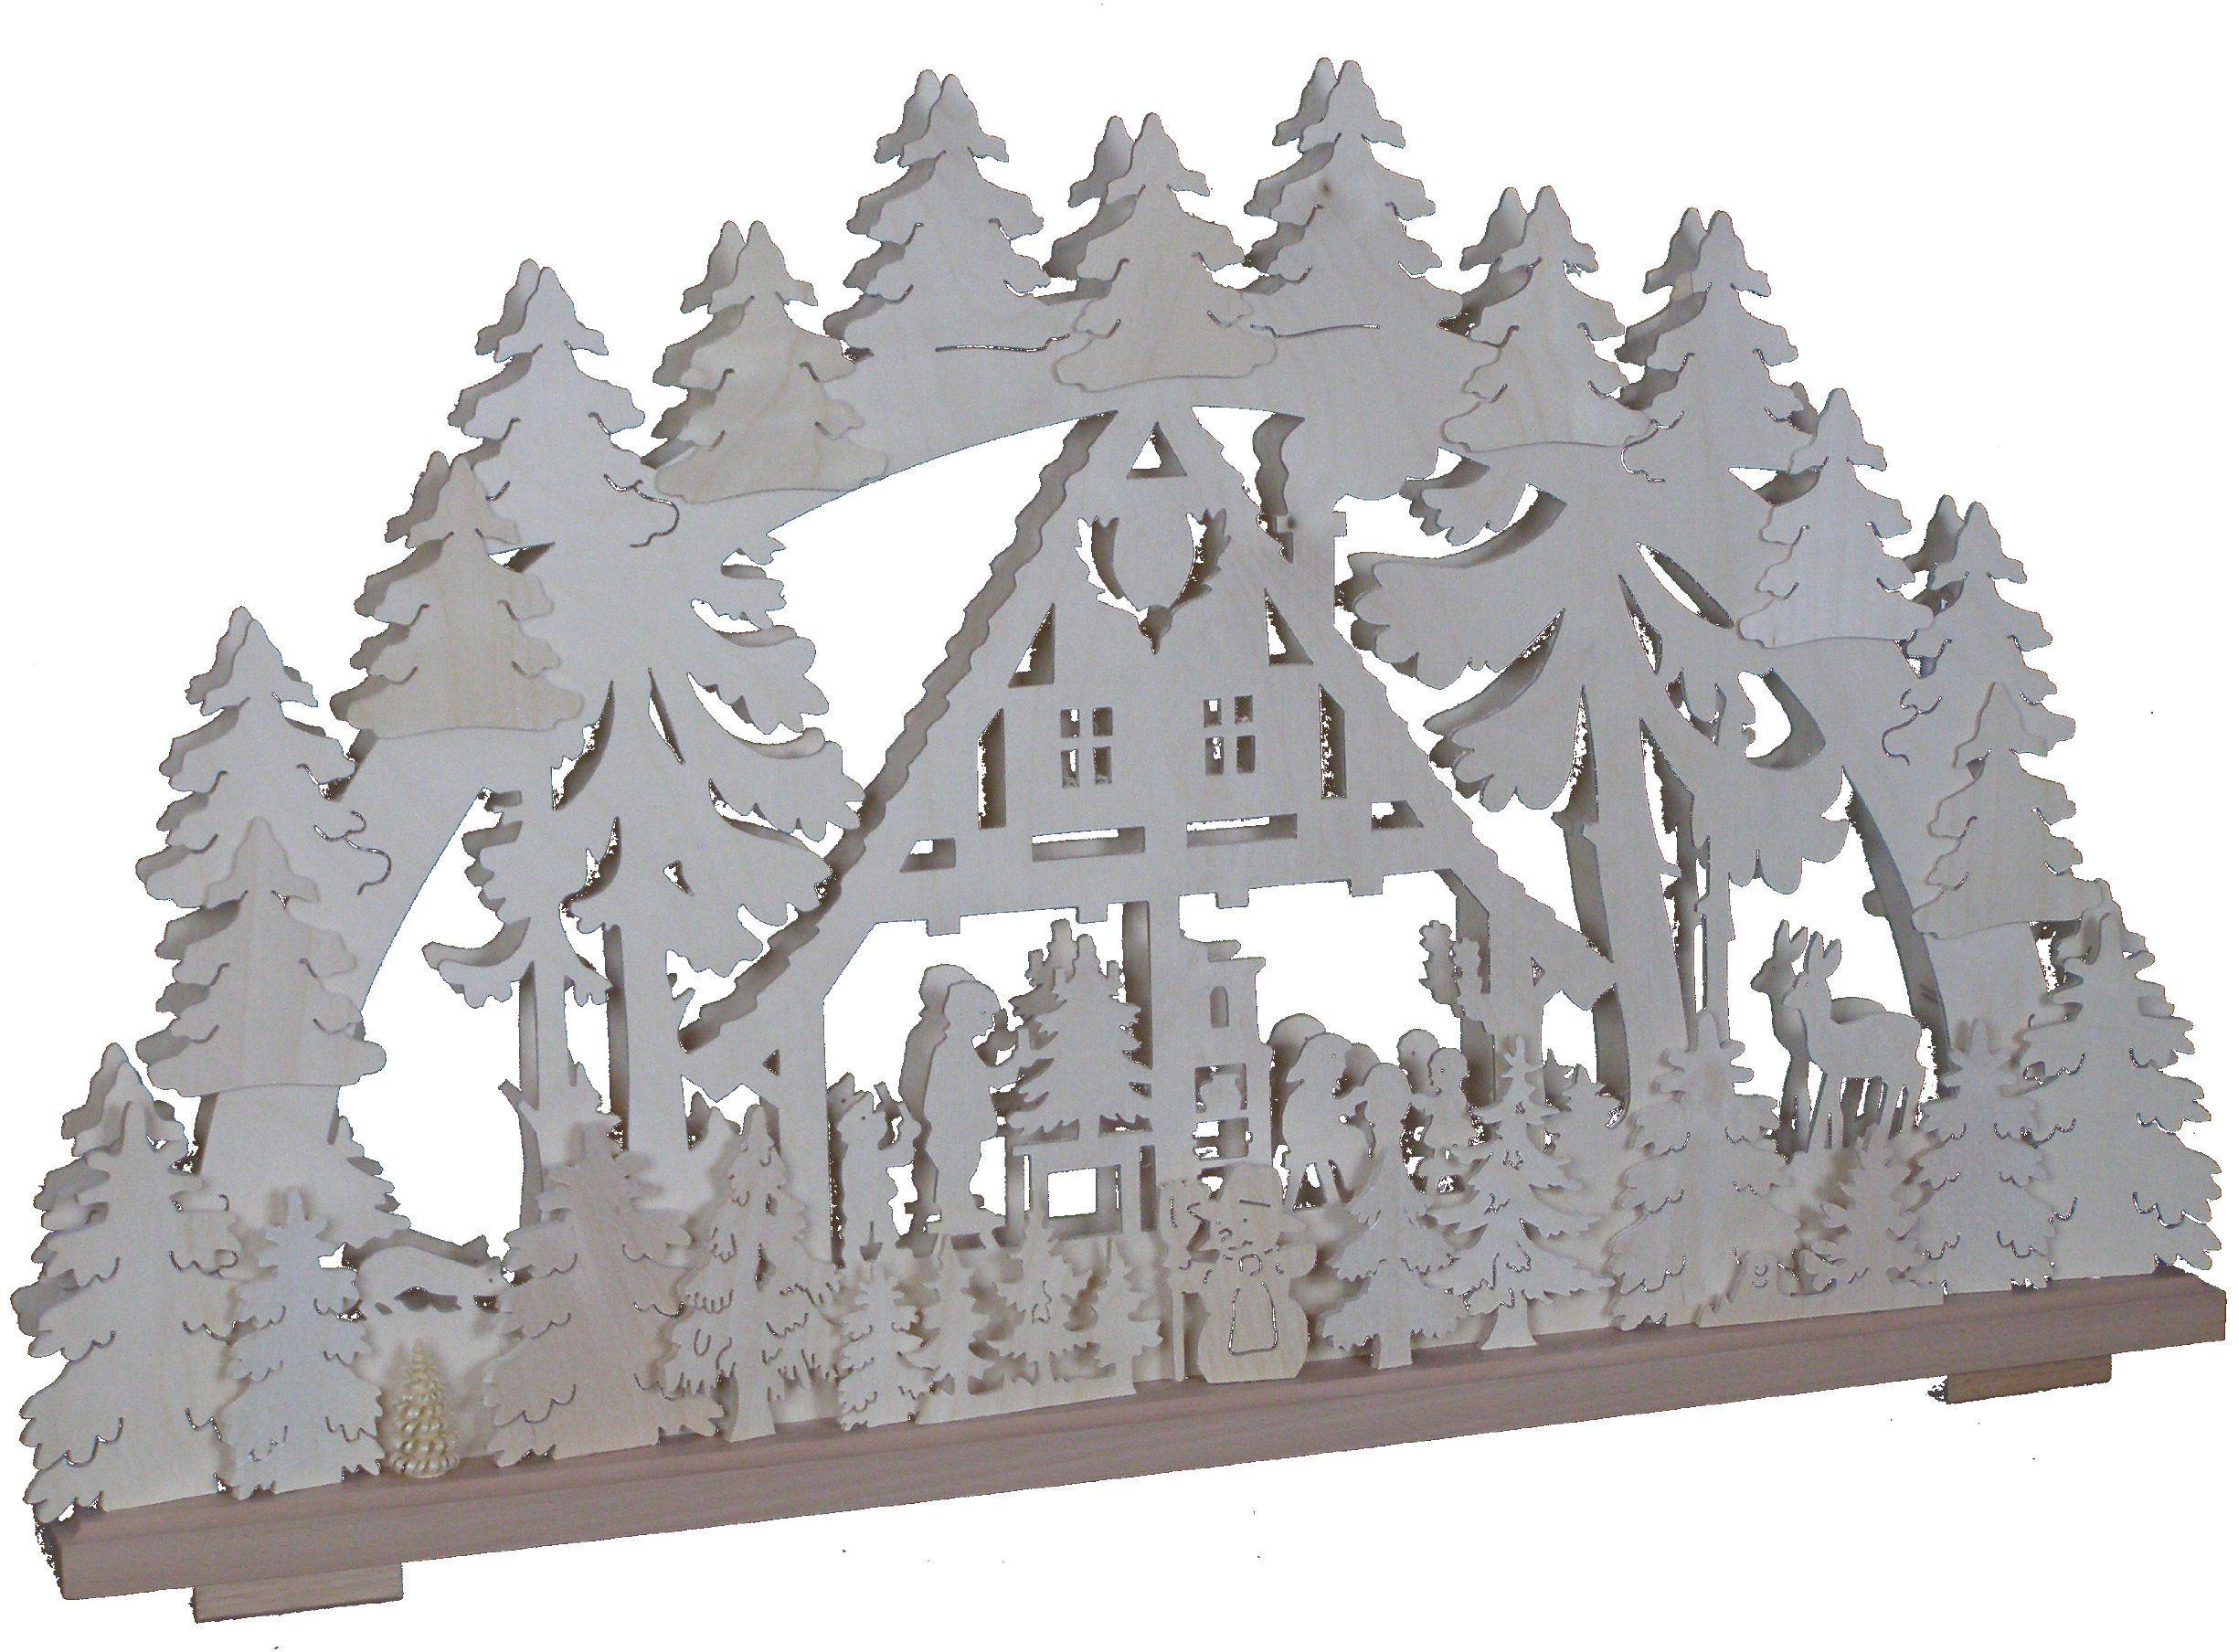 SchwibboLa 3-102 Rudawy podwójnie podświetlany świecznik łukowy z certyfikatem 3-102, 70 x 42 cm